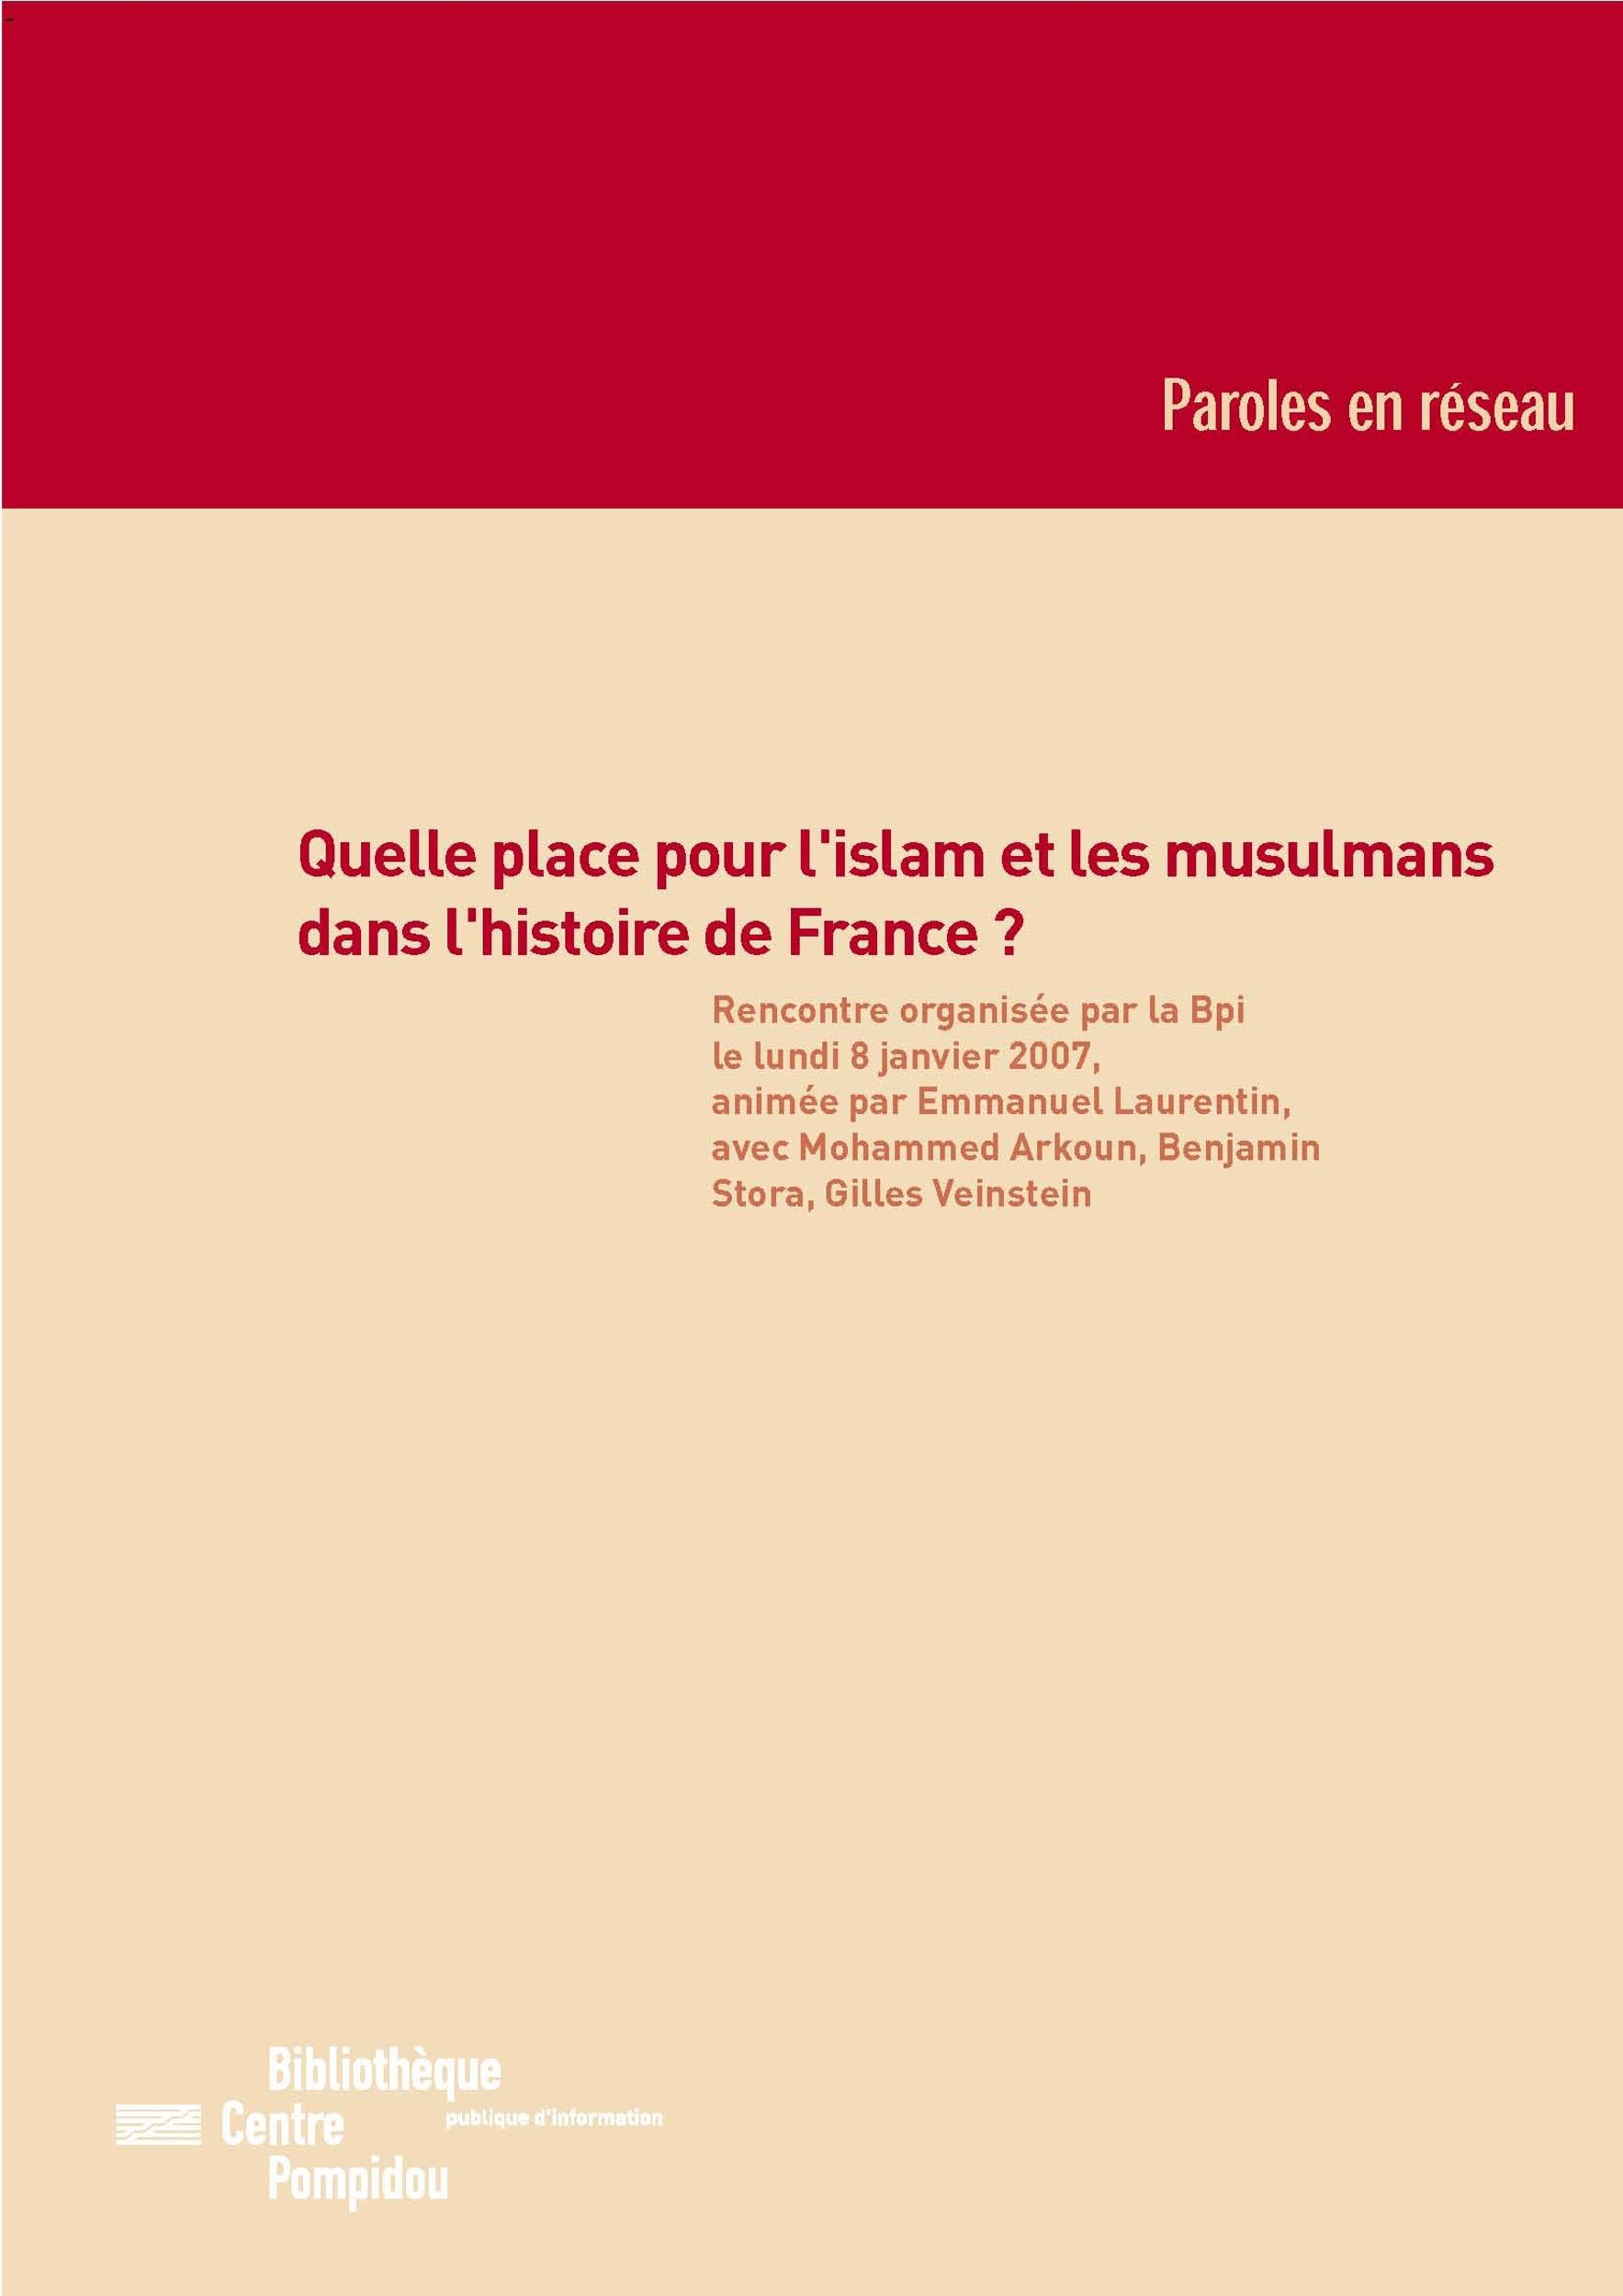 Quelle place pour l'islam et les musulmans dans l'histoire de France?